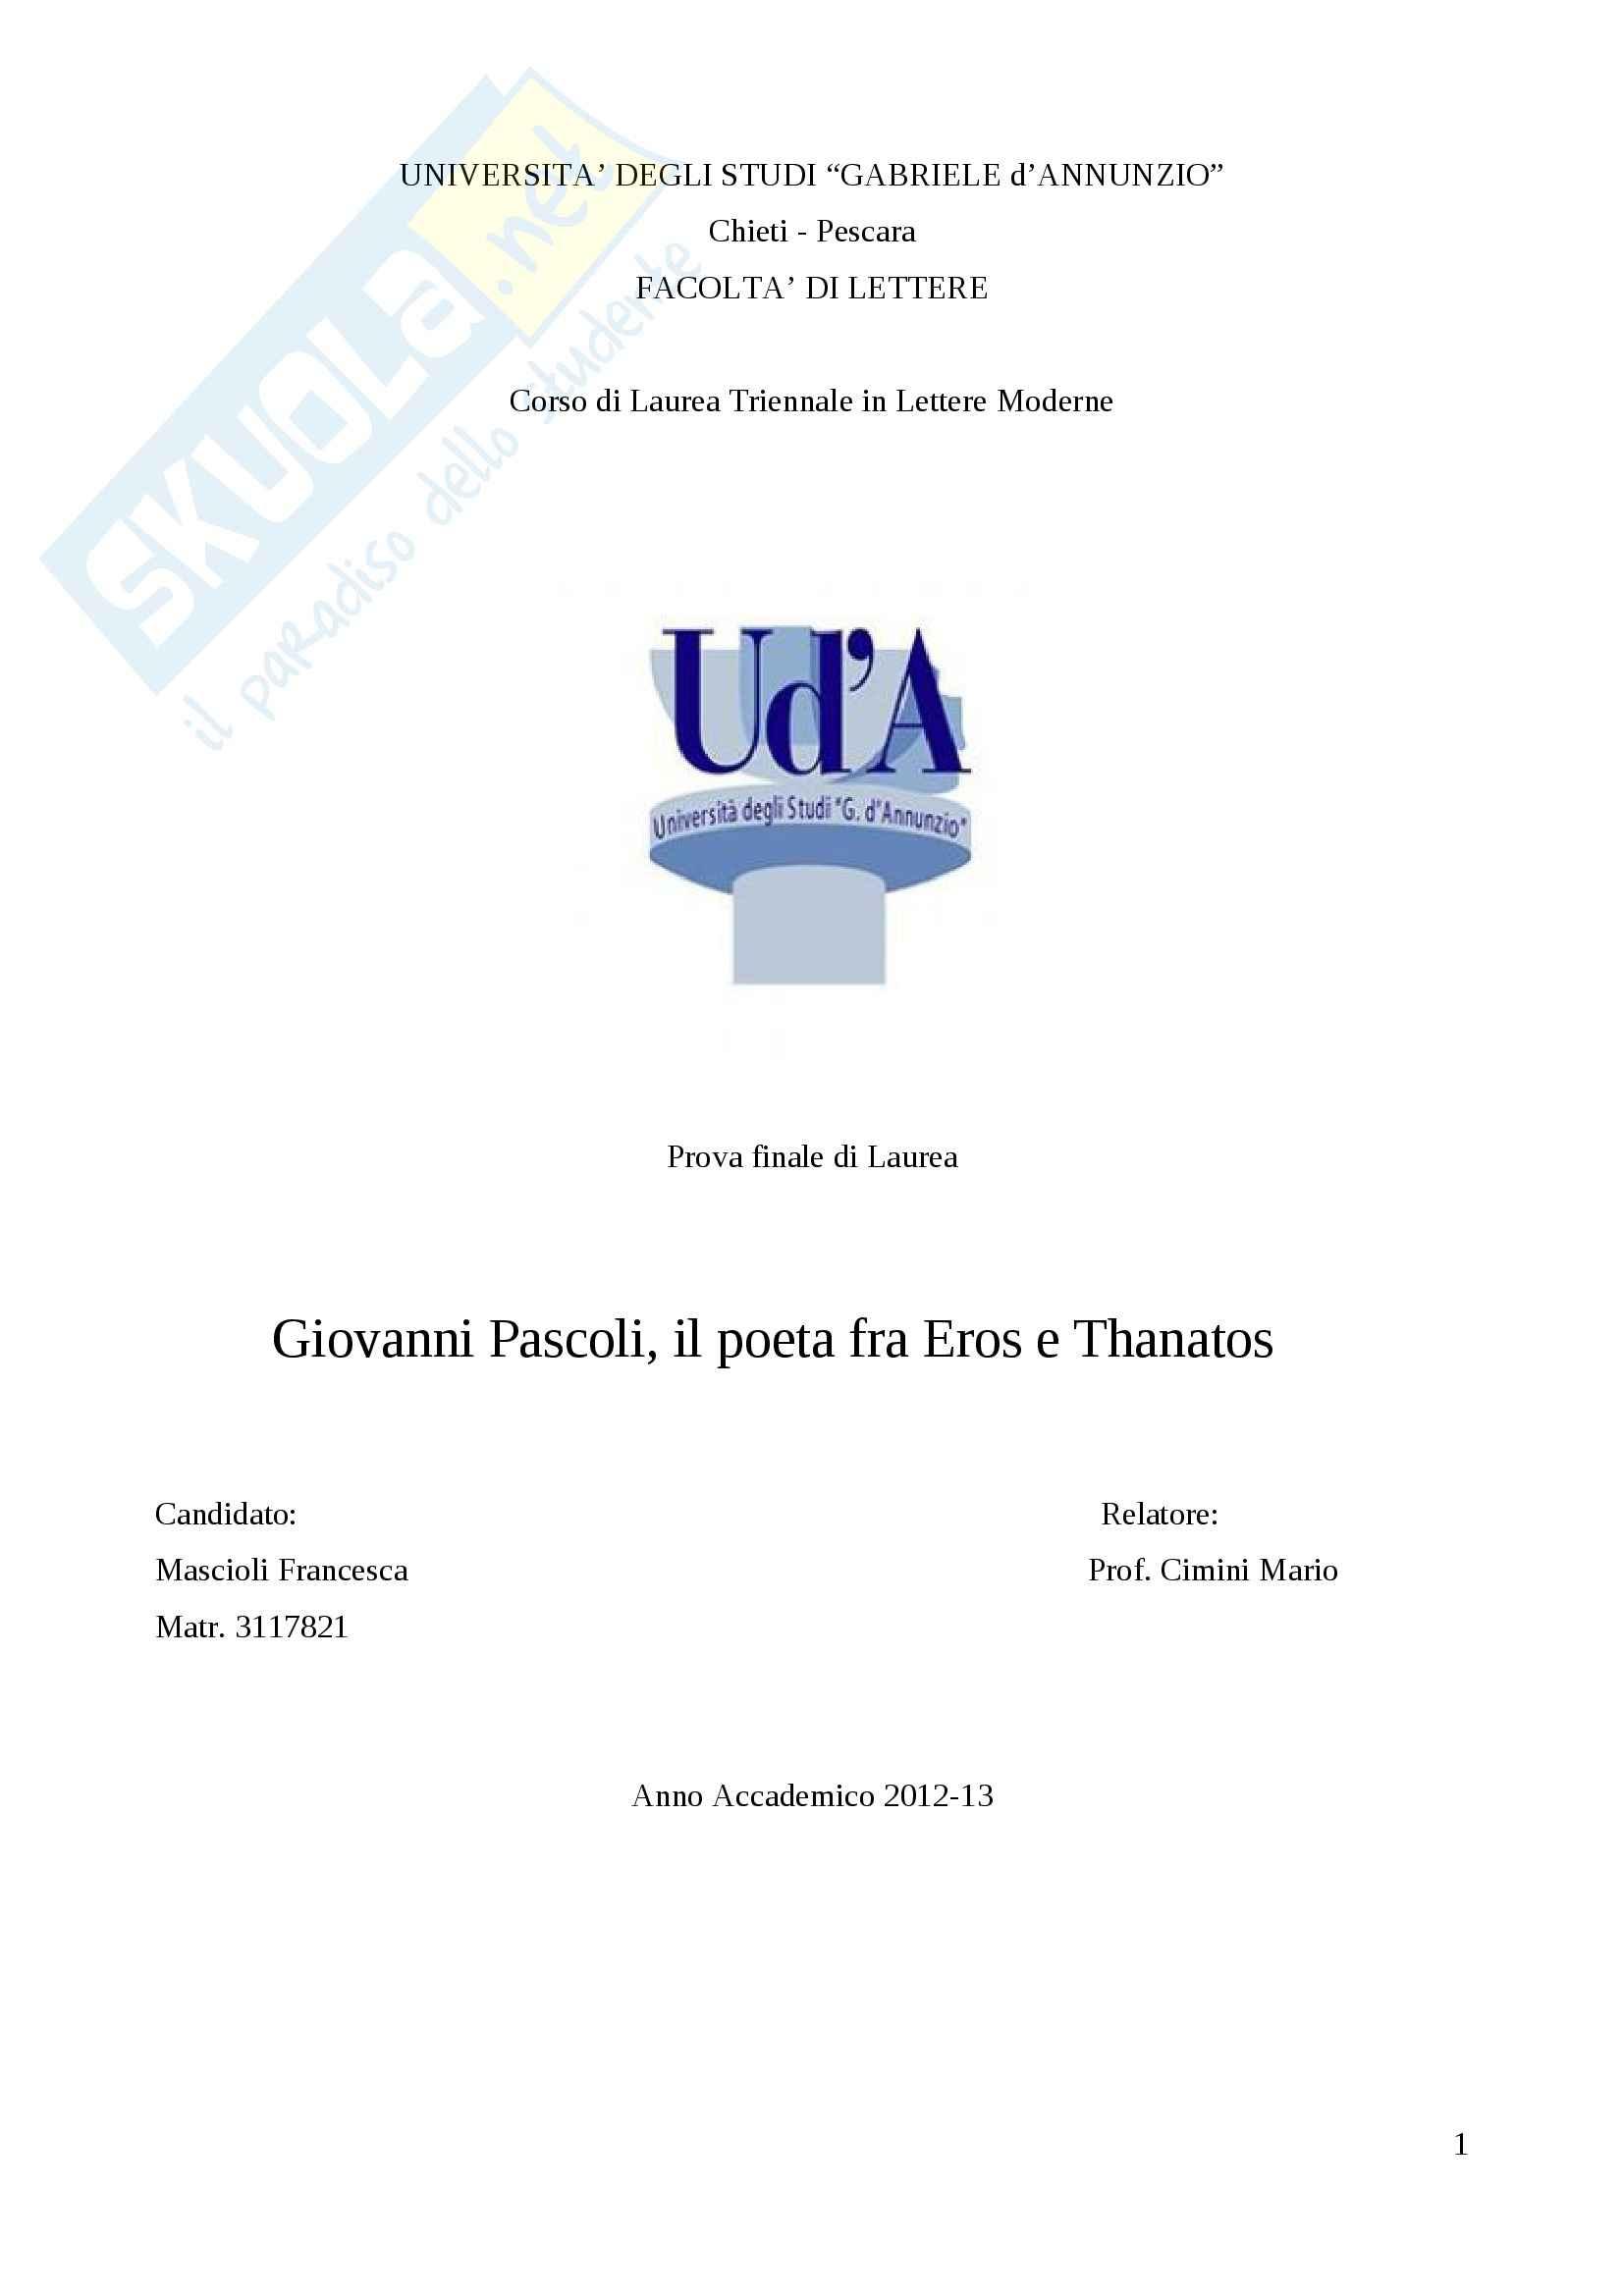 Tesi - Pascoli, il poeta fra Eros e Thanatos